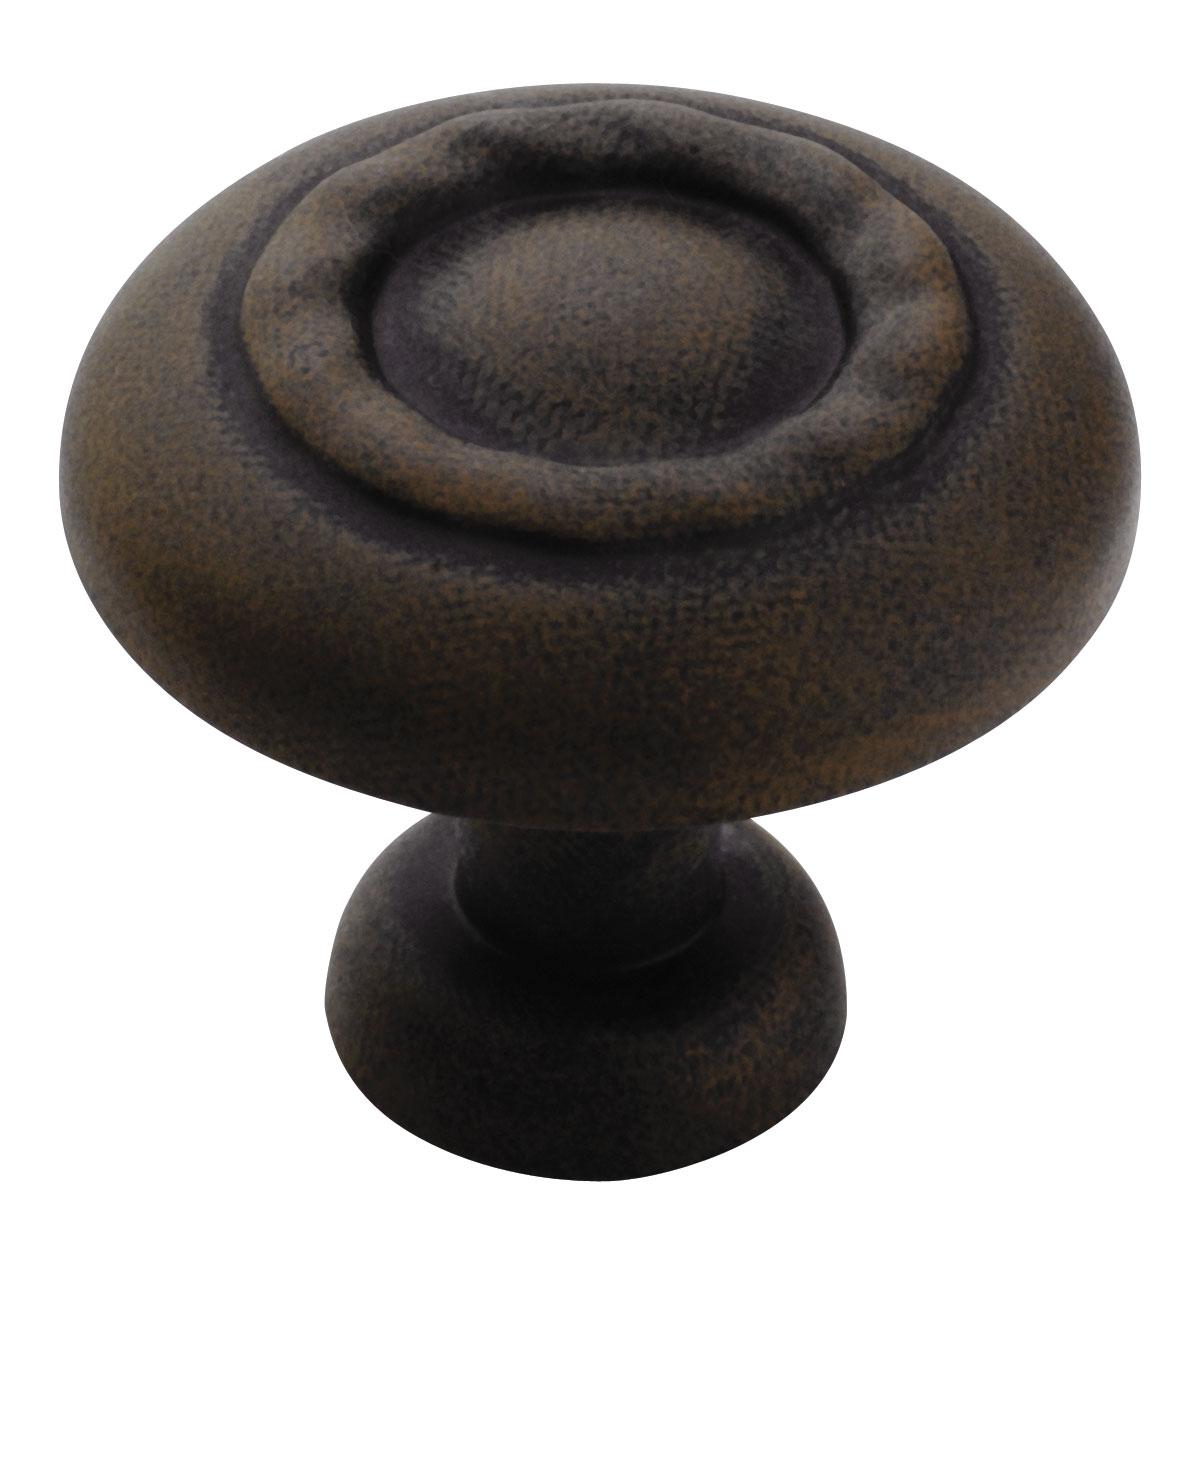 amerock door knob photo - 6